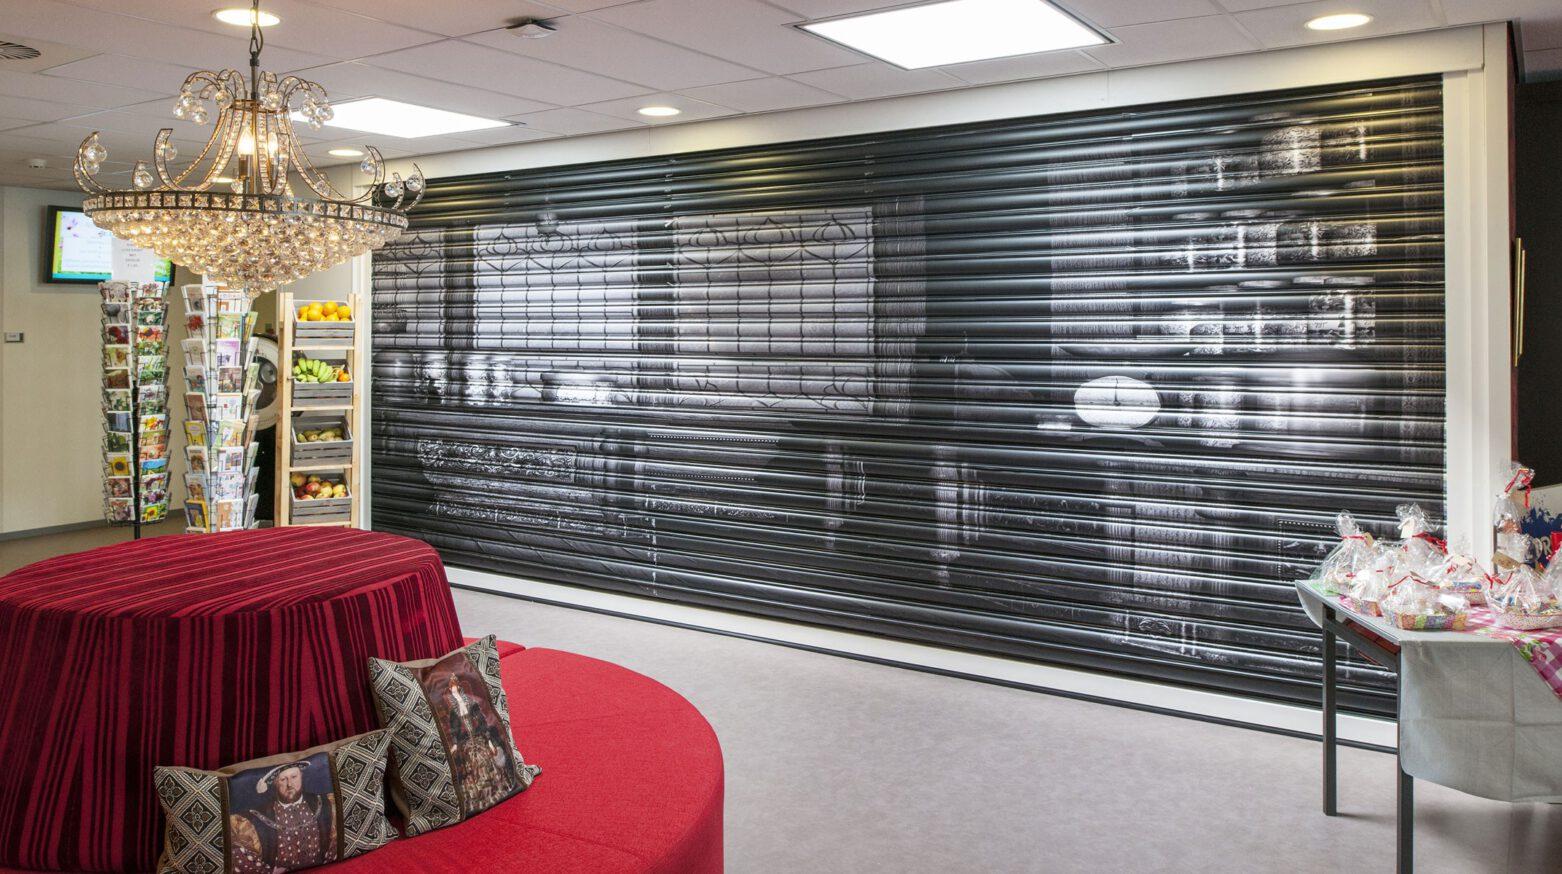 Tantelouise vivensis shop met gesloten luifel